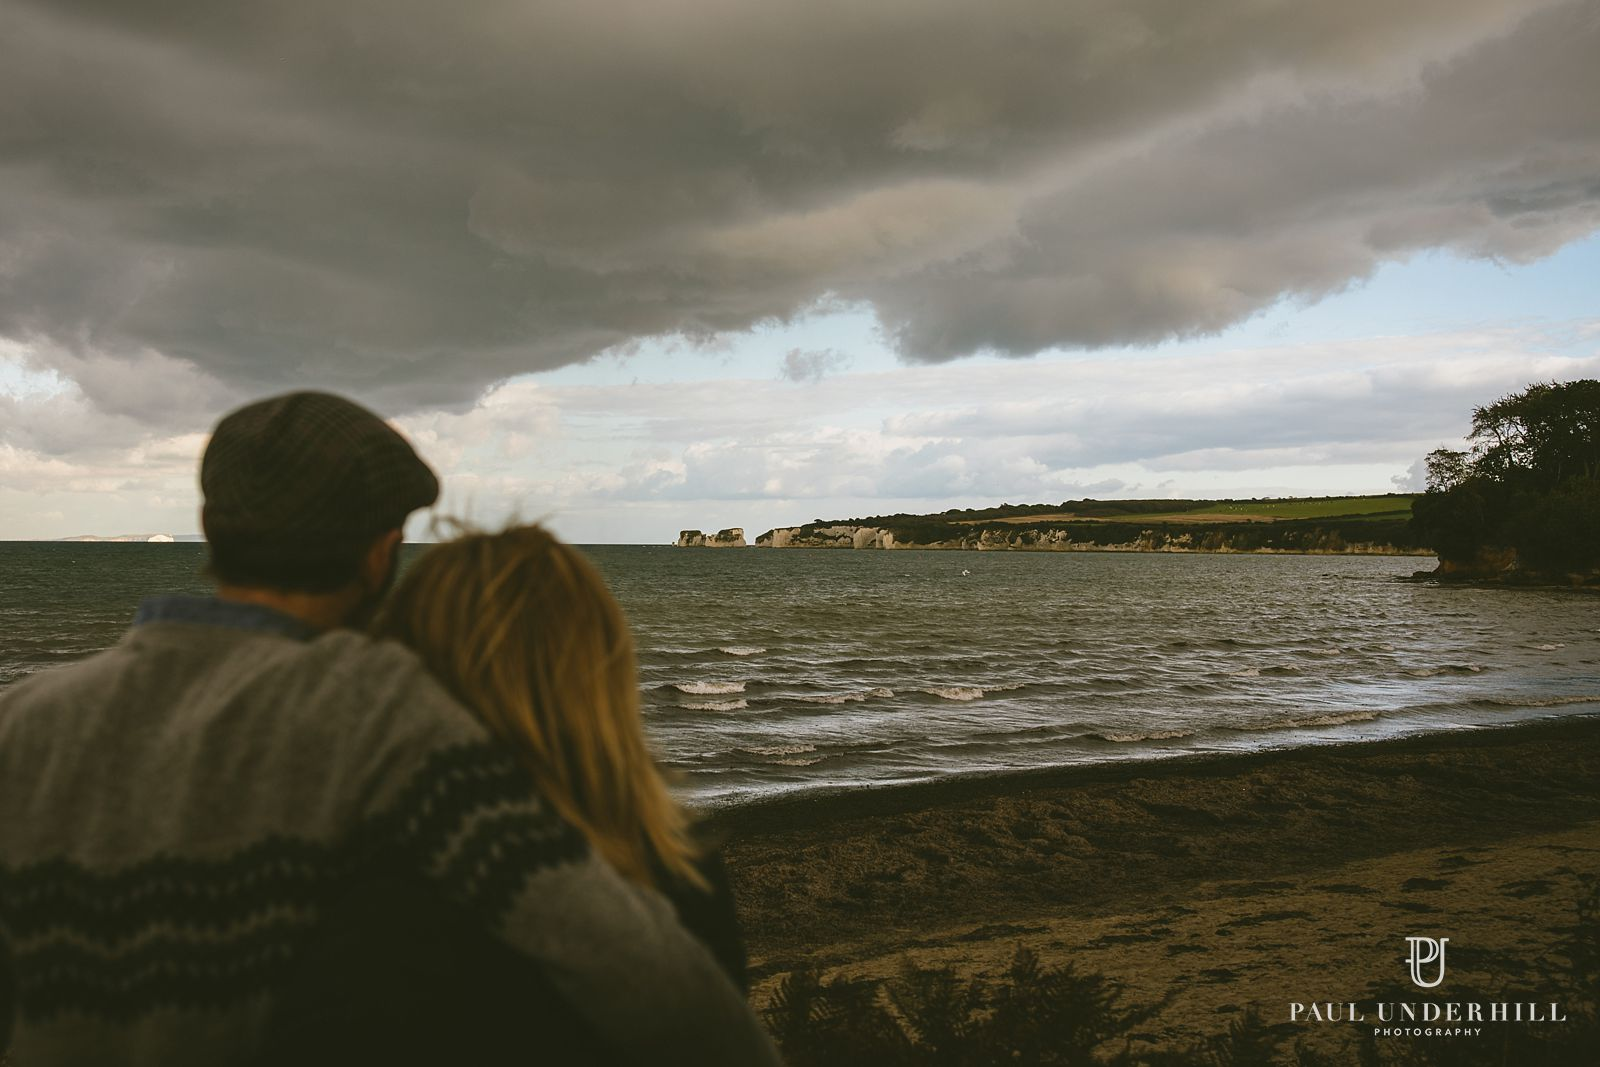 dorset-landscape-photography